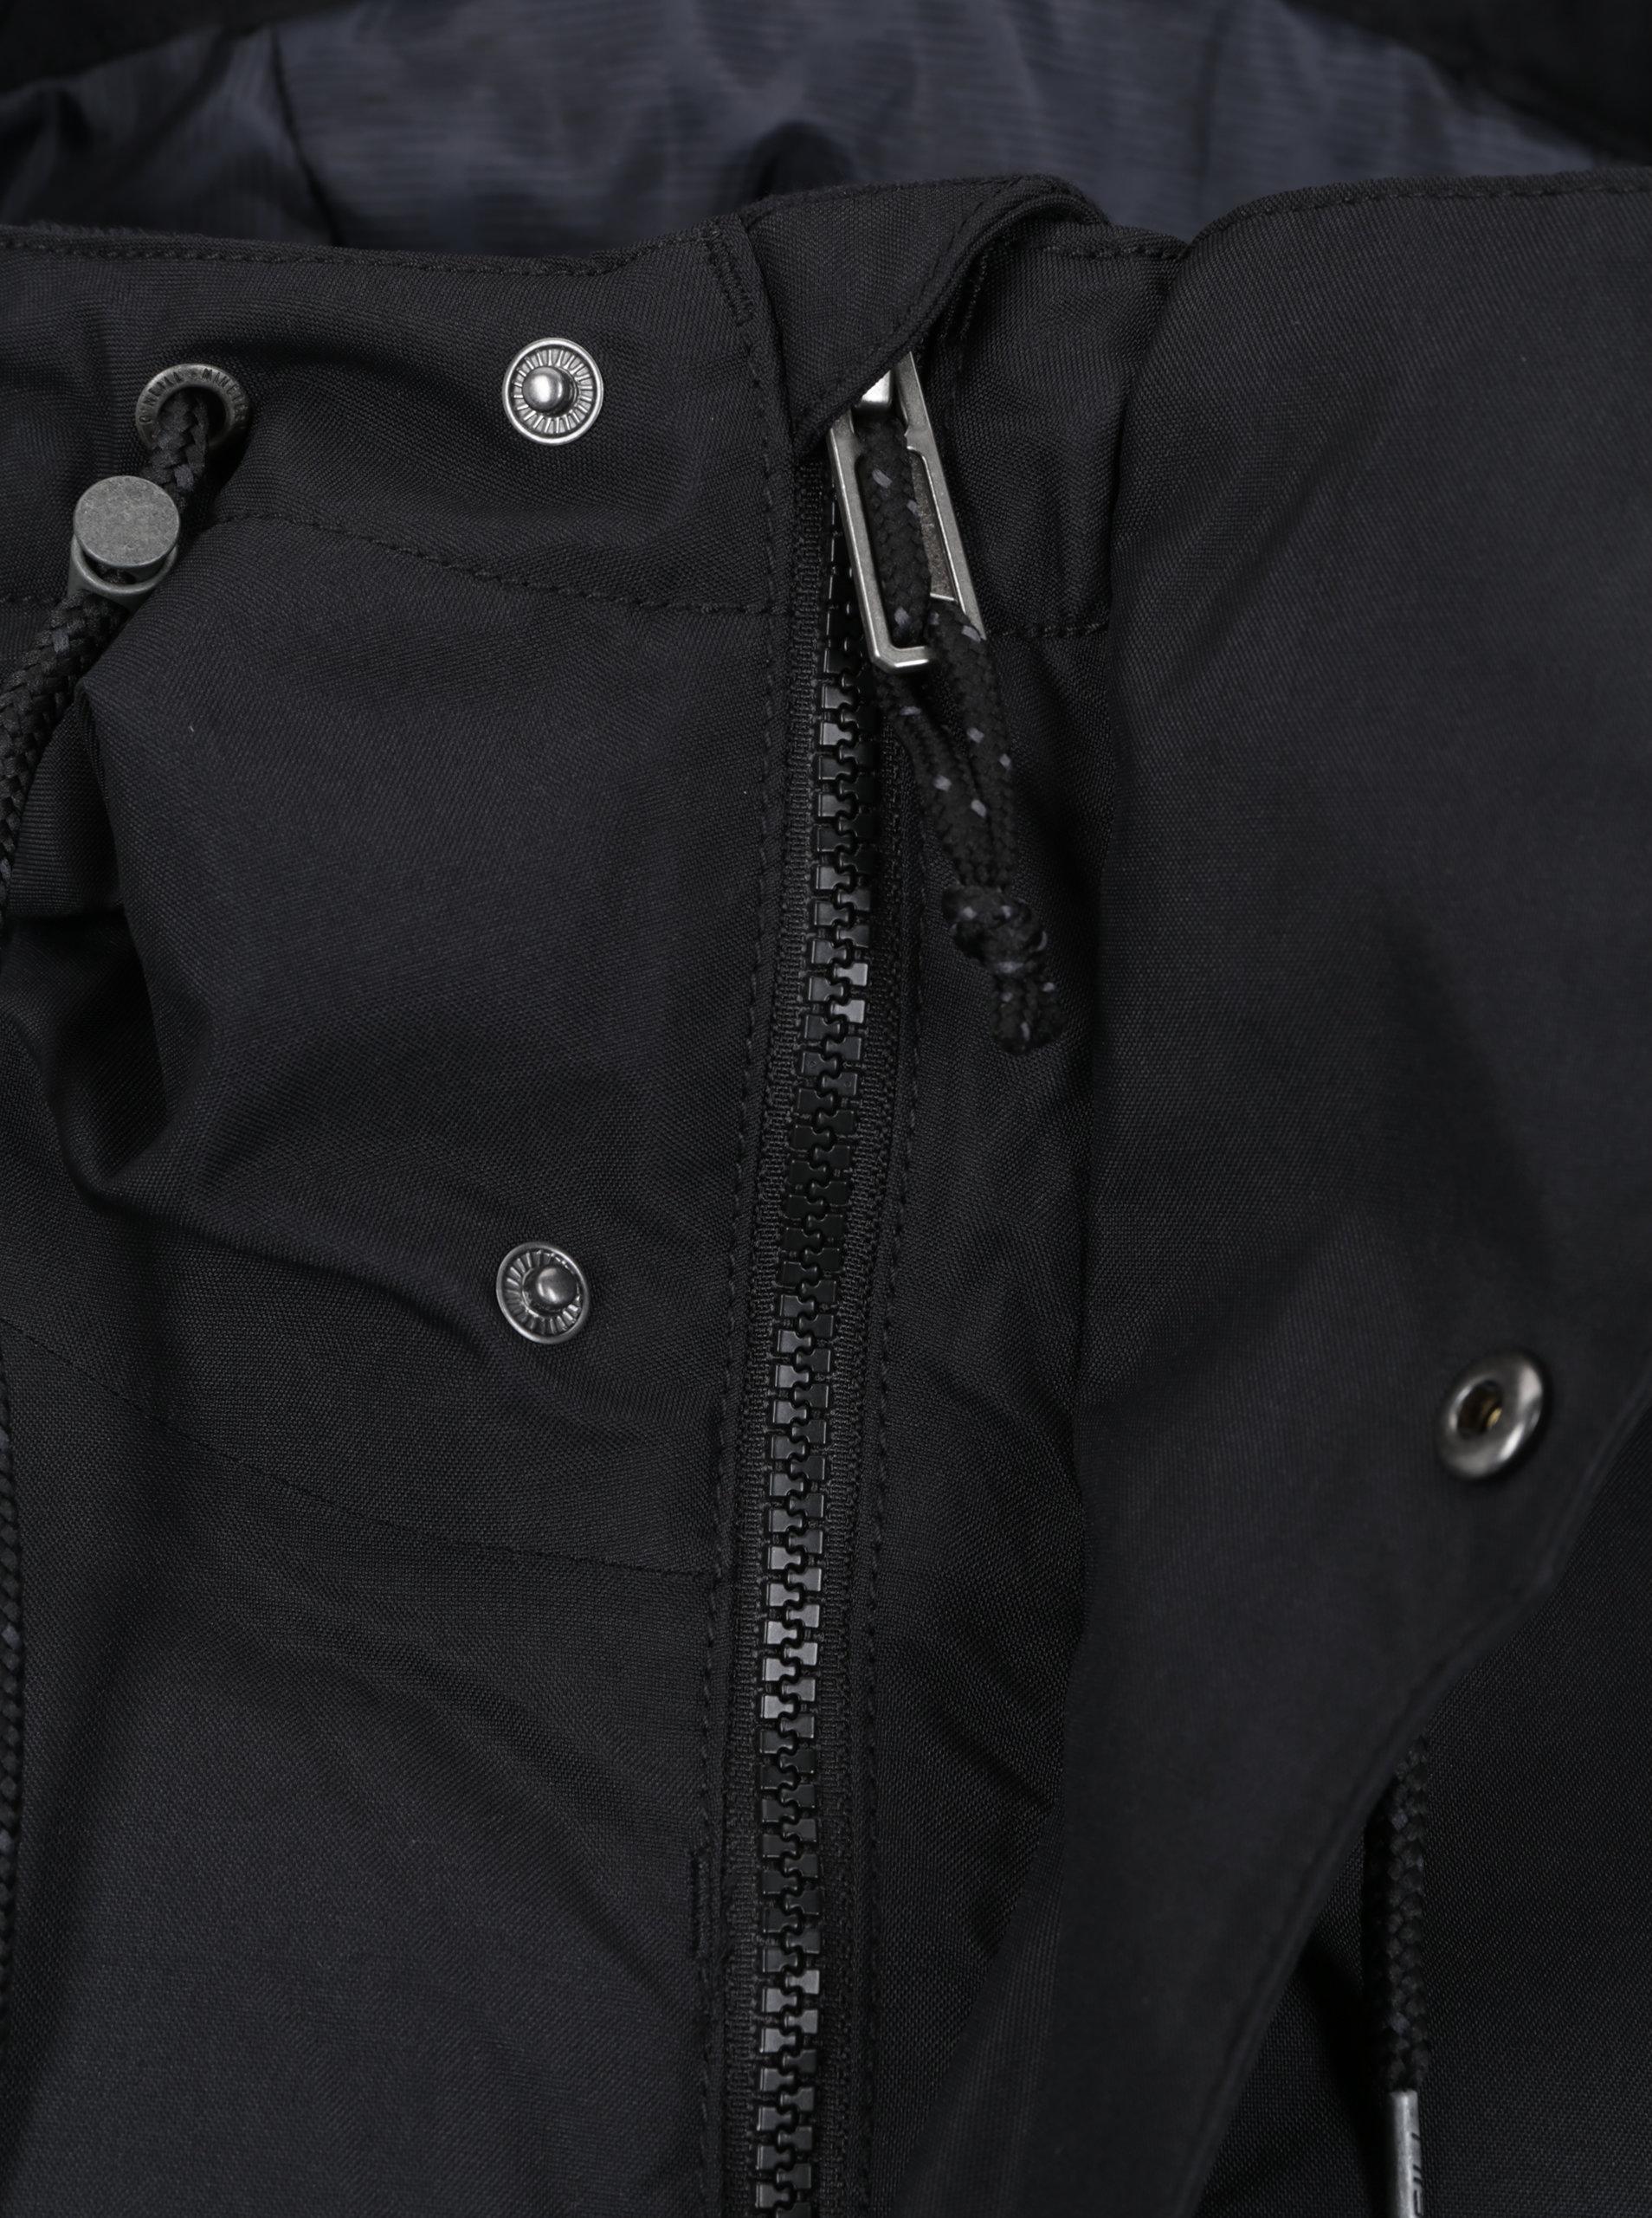 66b930ffc2 Černá voděodolná funkční bunda s potiskem na zádech O Neill ...